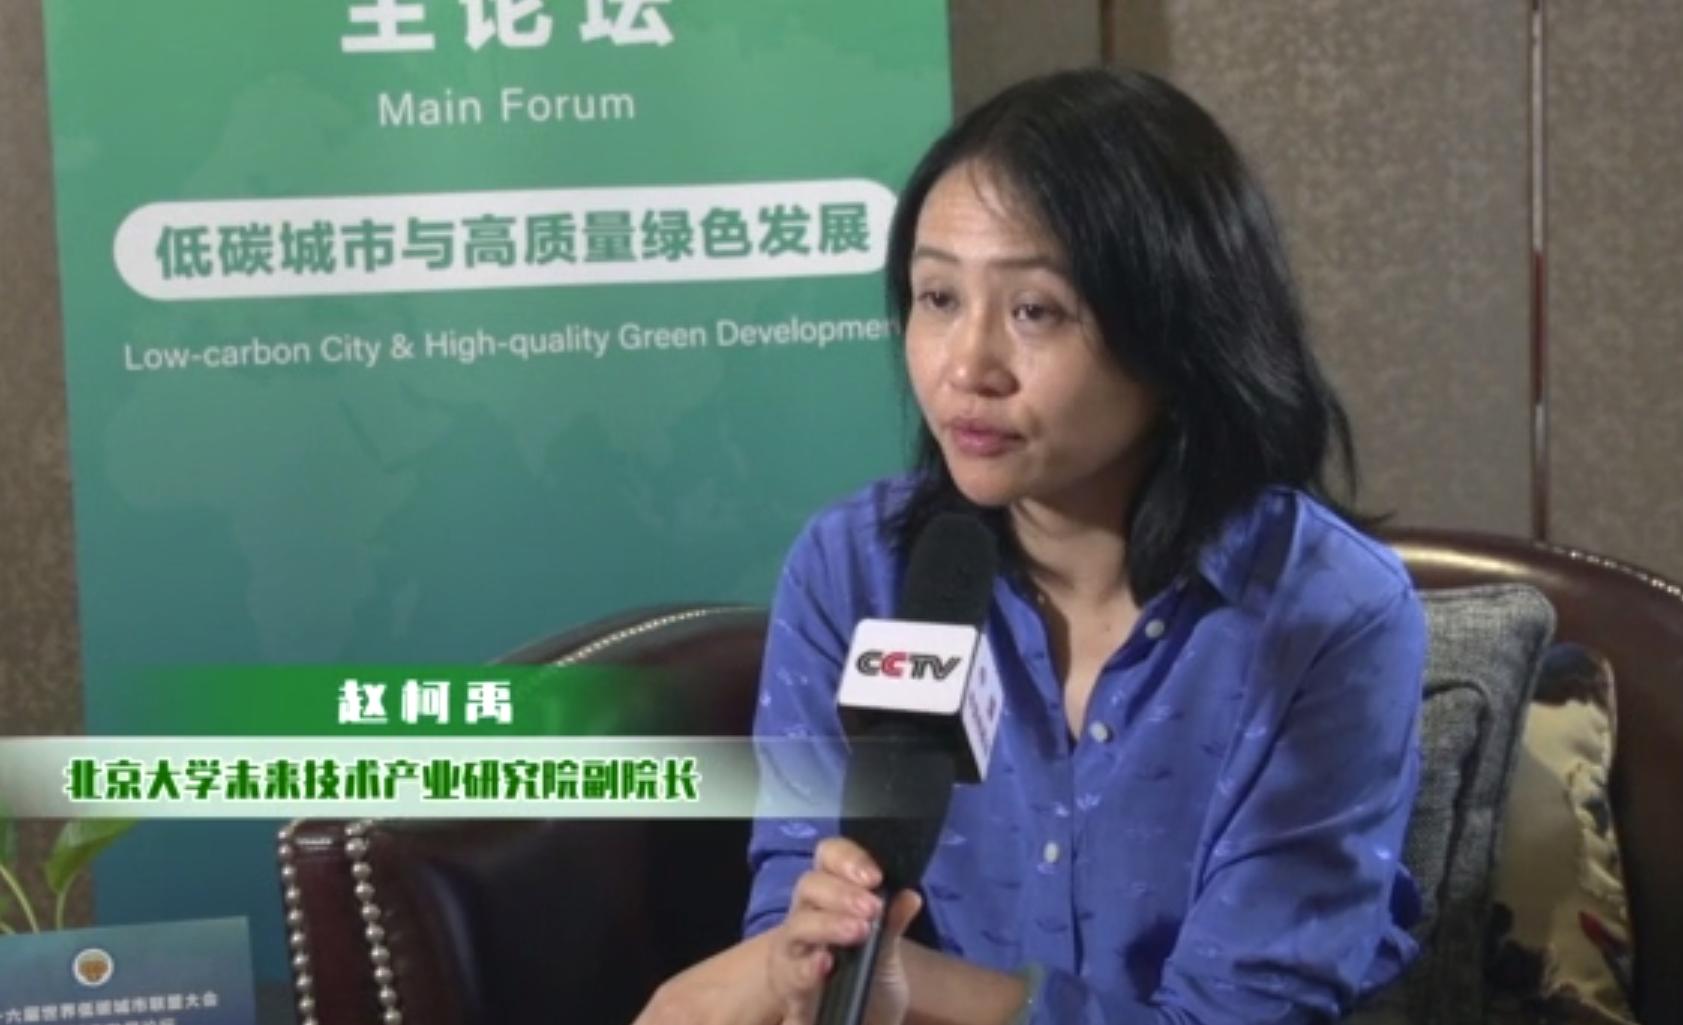 赵柯禹:惠民+开放包容是发展的关键点